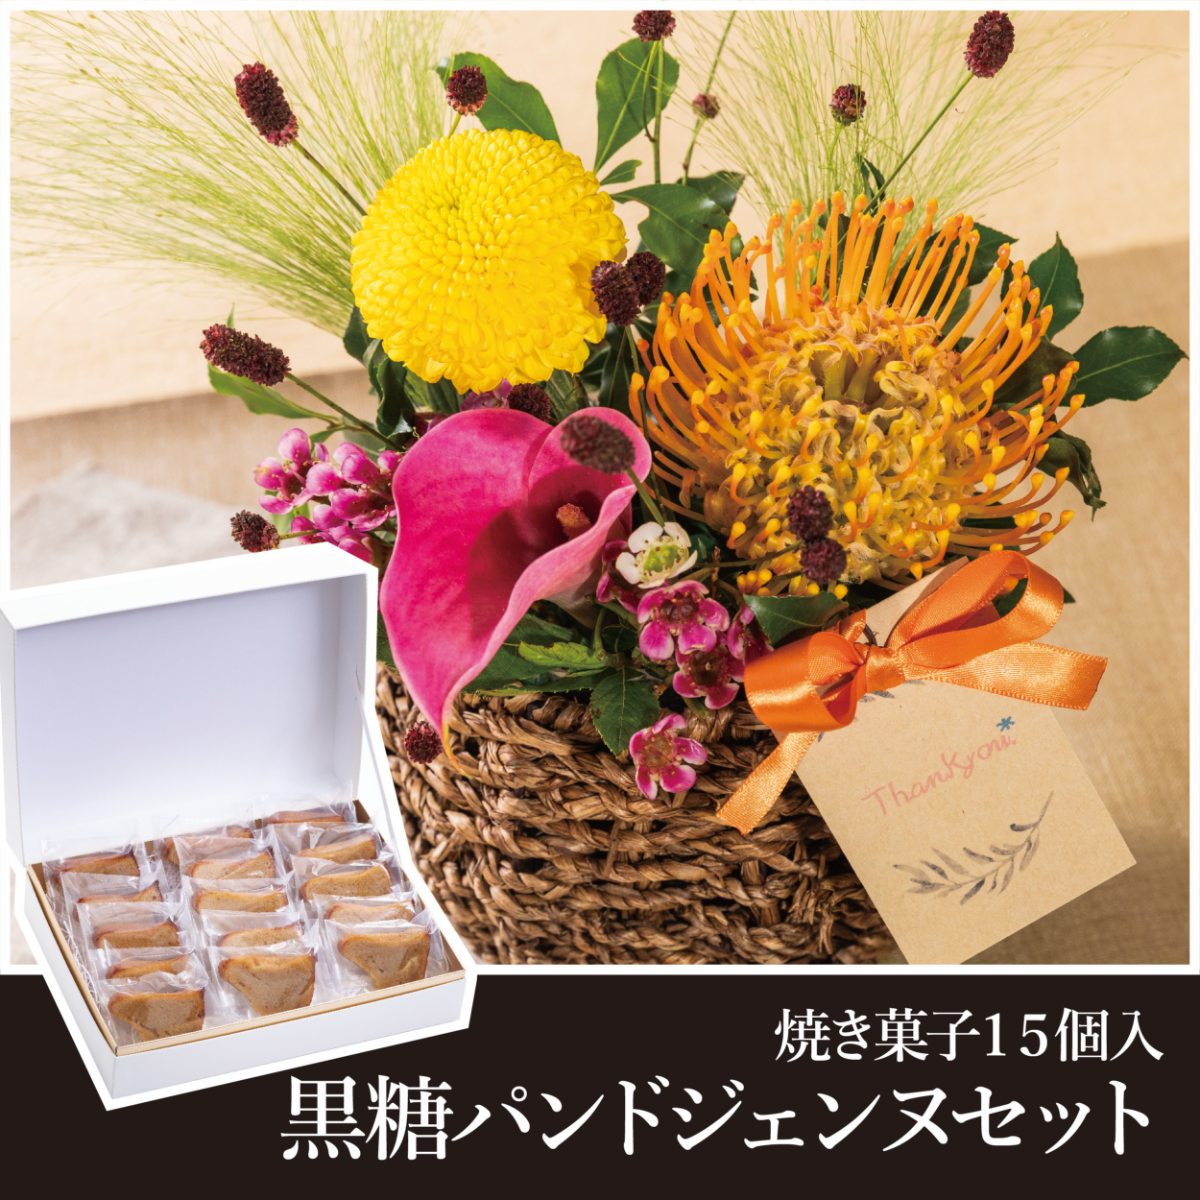 【敬老の日限定販売】生花アレンジメントpetit+黒糖パンドジェンヌプティ15個入